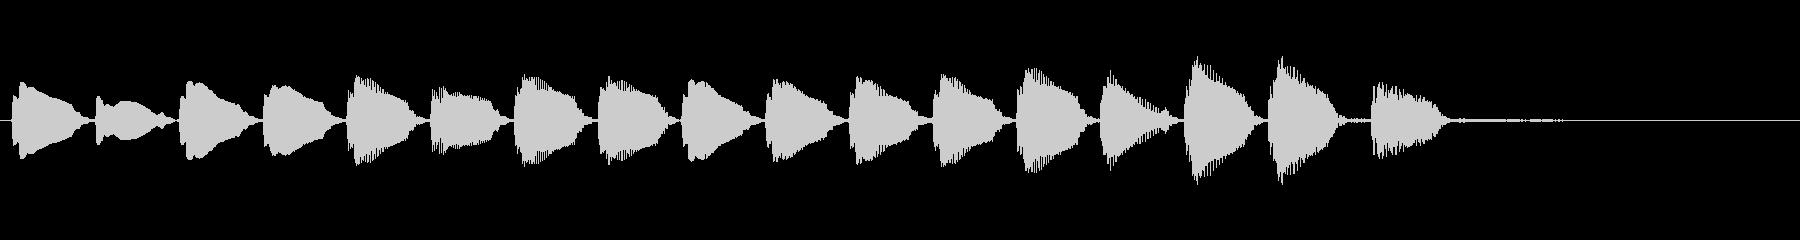 KANT 電子音アイキャッチ207311の未再生の波形